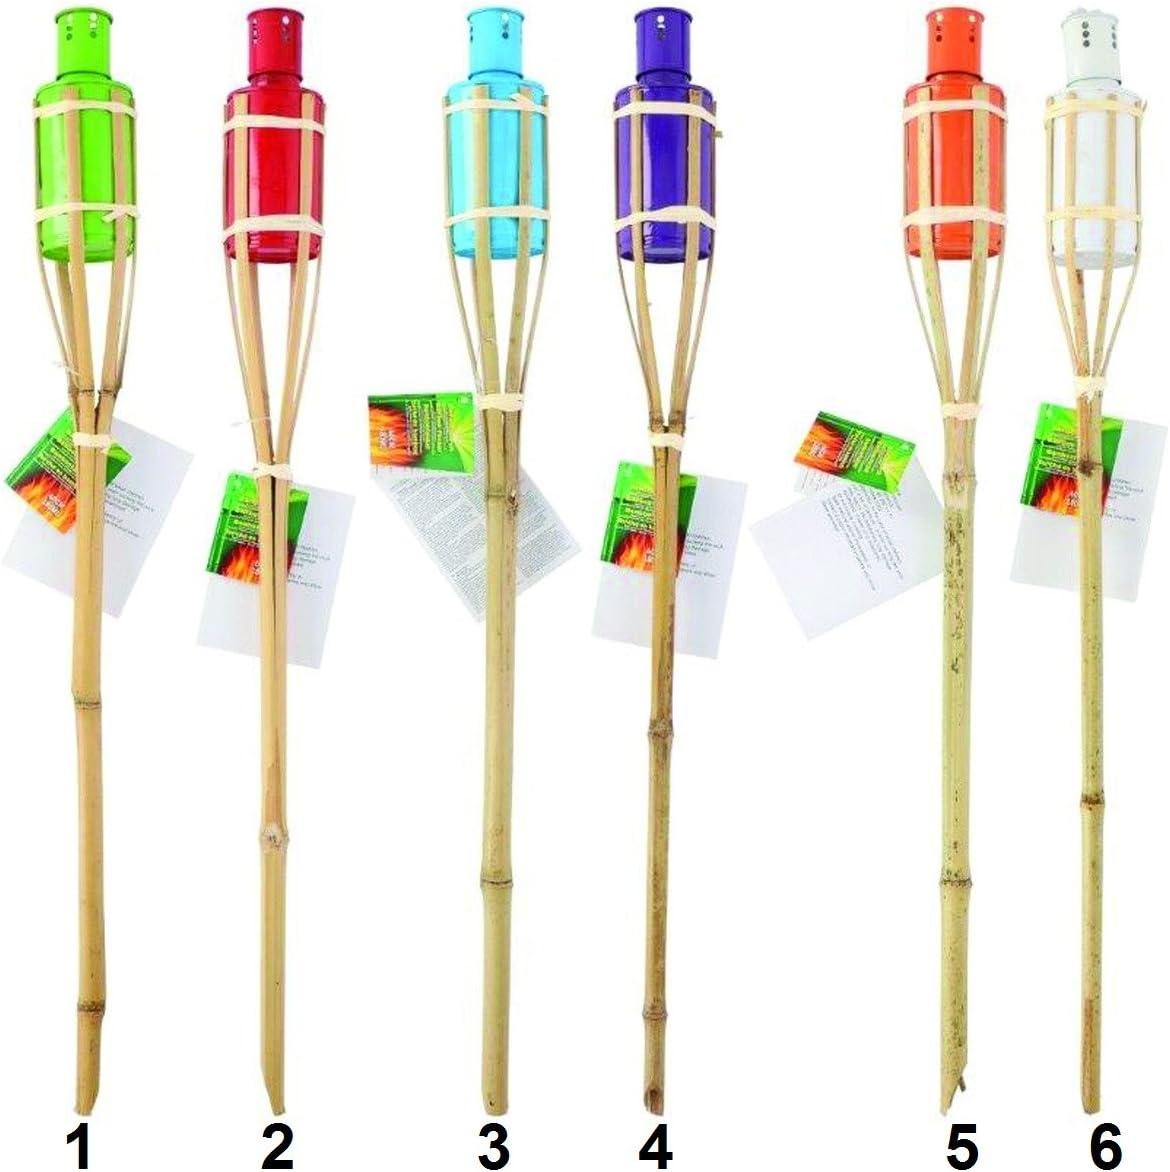 776 Lot de 6 Torche de jardin Bambou 60 cm Mod 5 Orange Decoration Lampe Huile Insecte